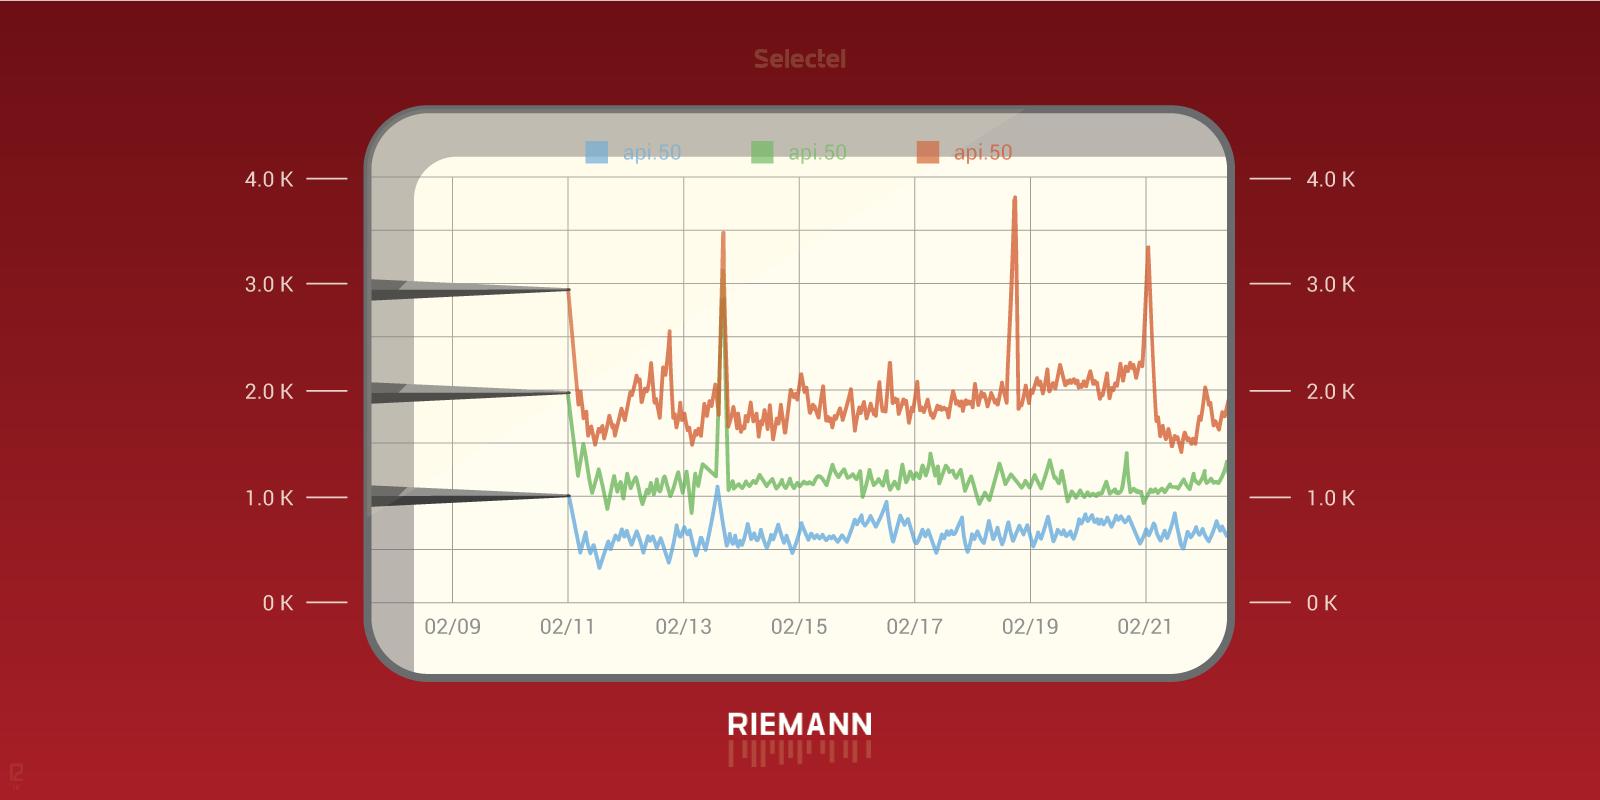 Краткое введение в Riemann: мониторинг и анализ событий